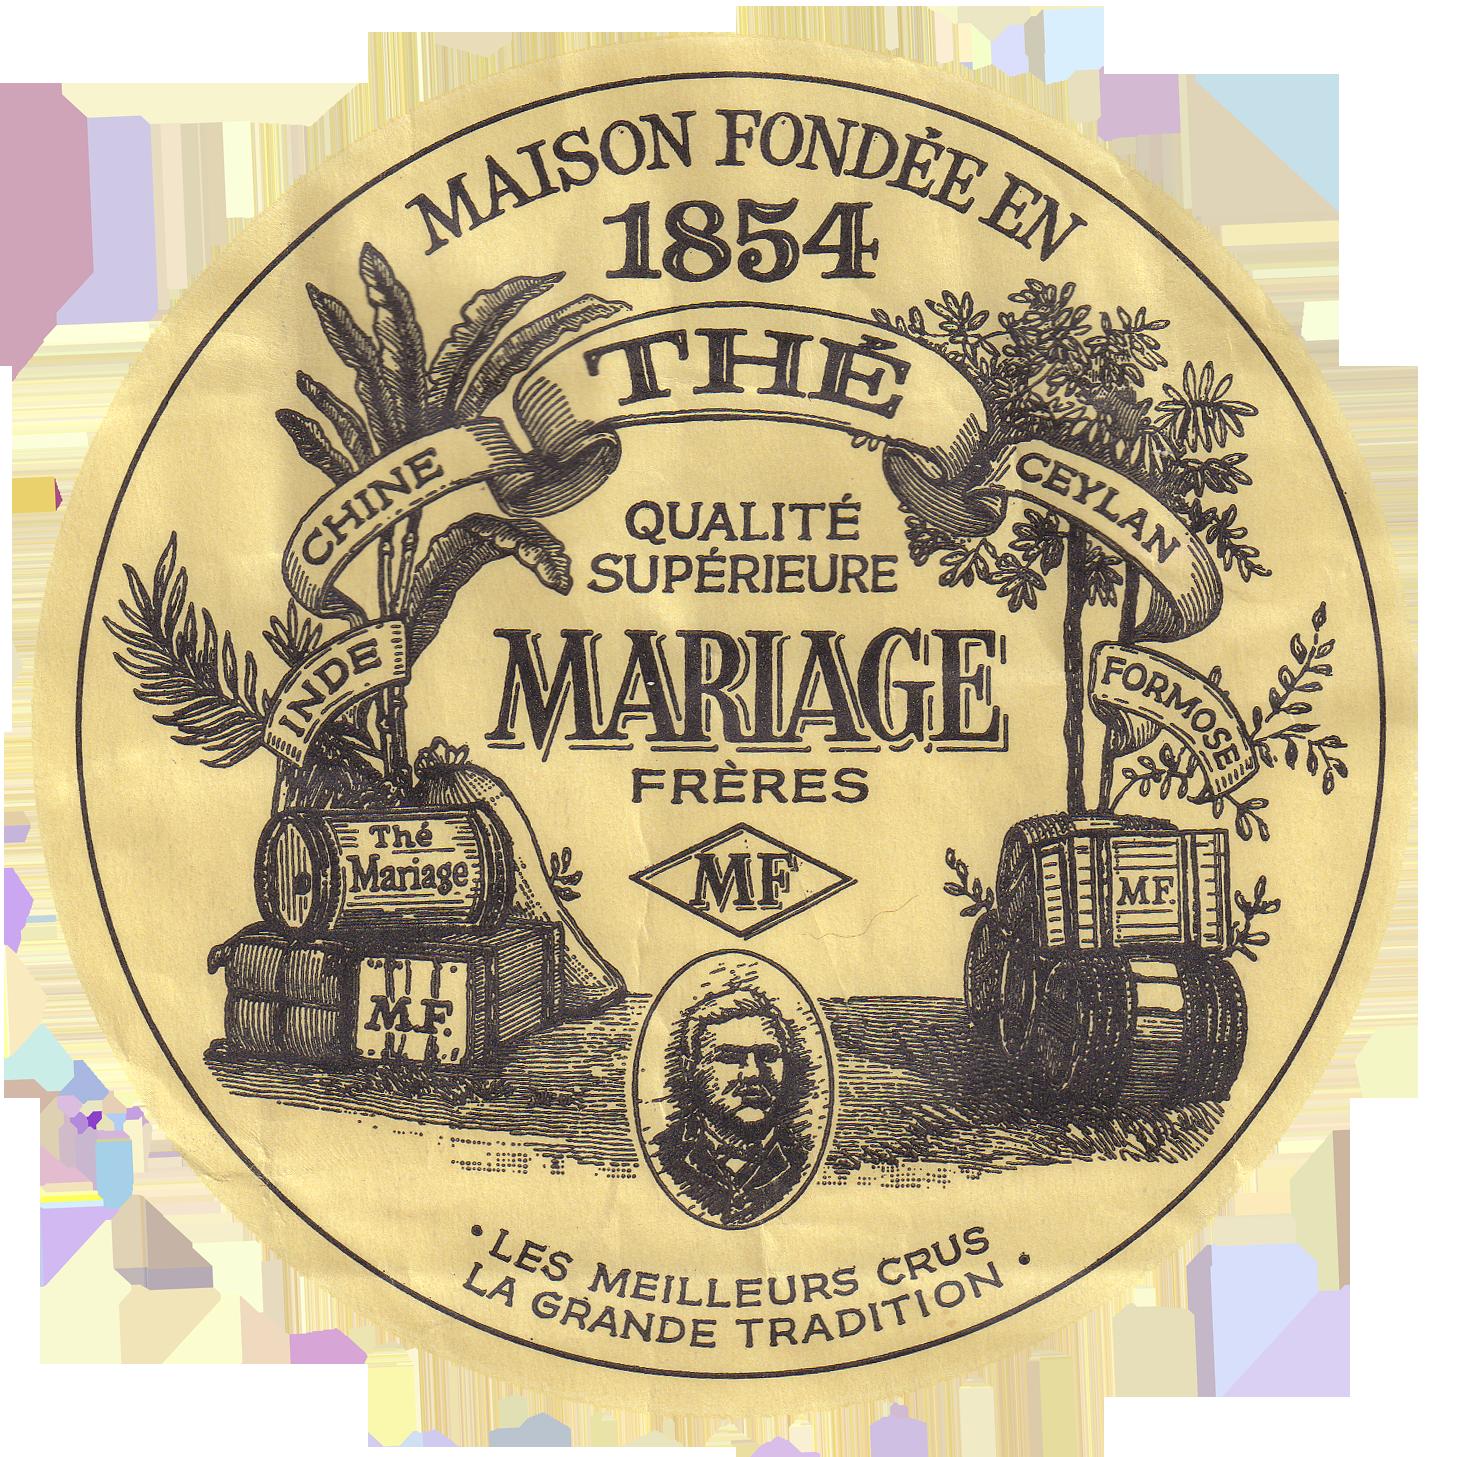 The Mariage Freres En Ligne